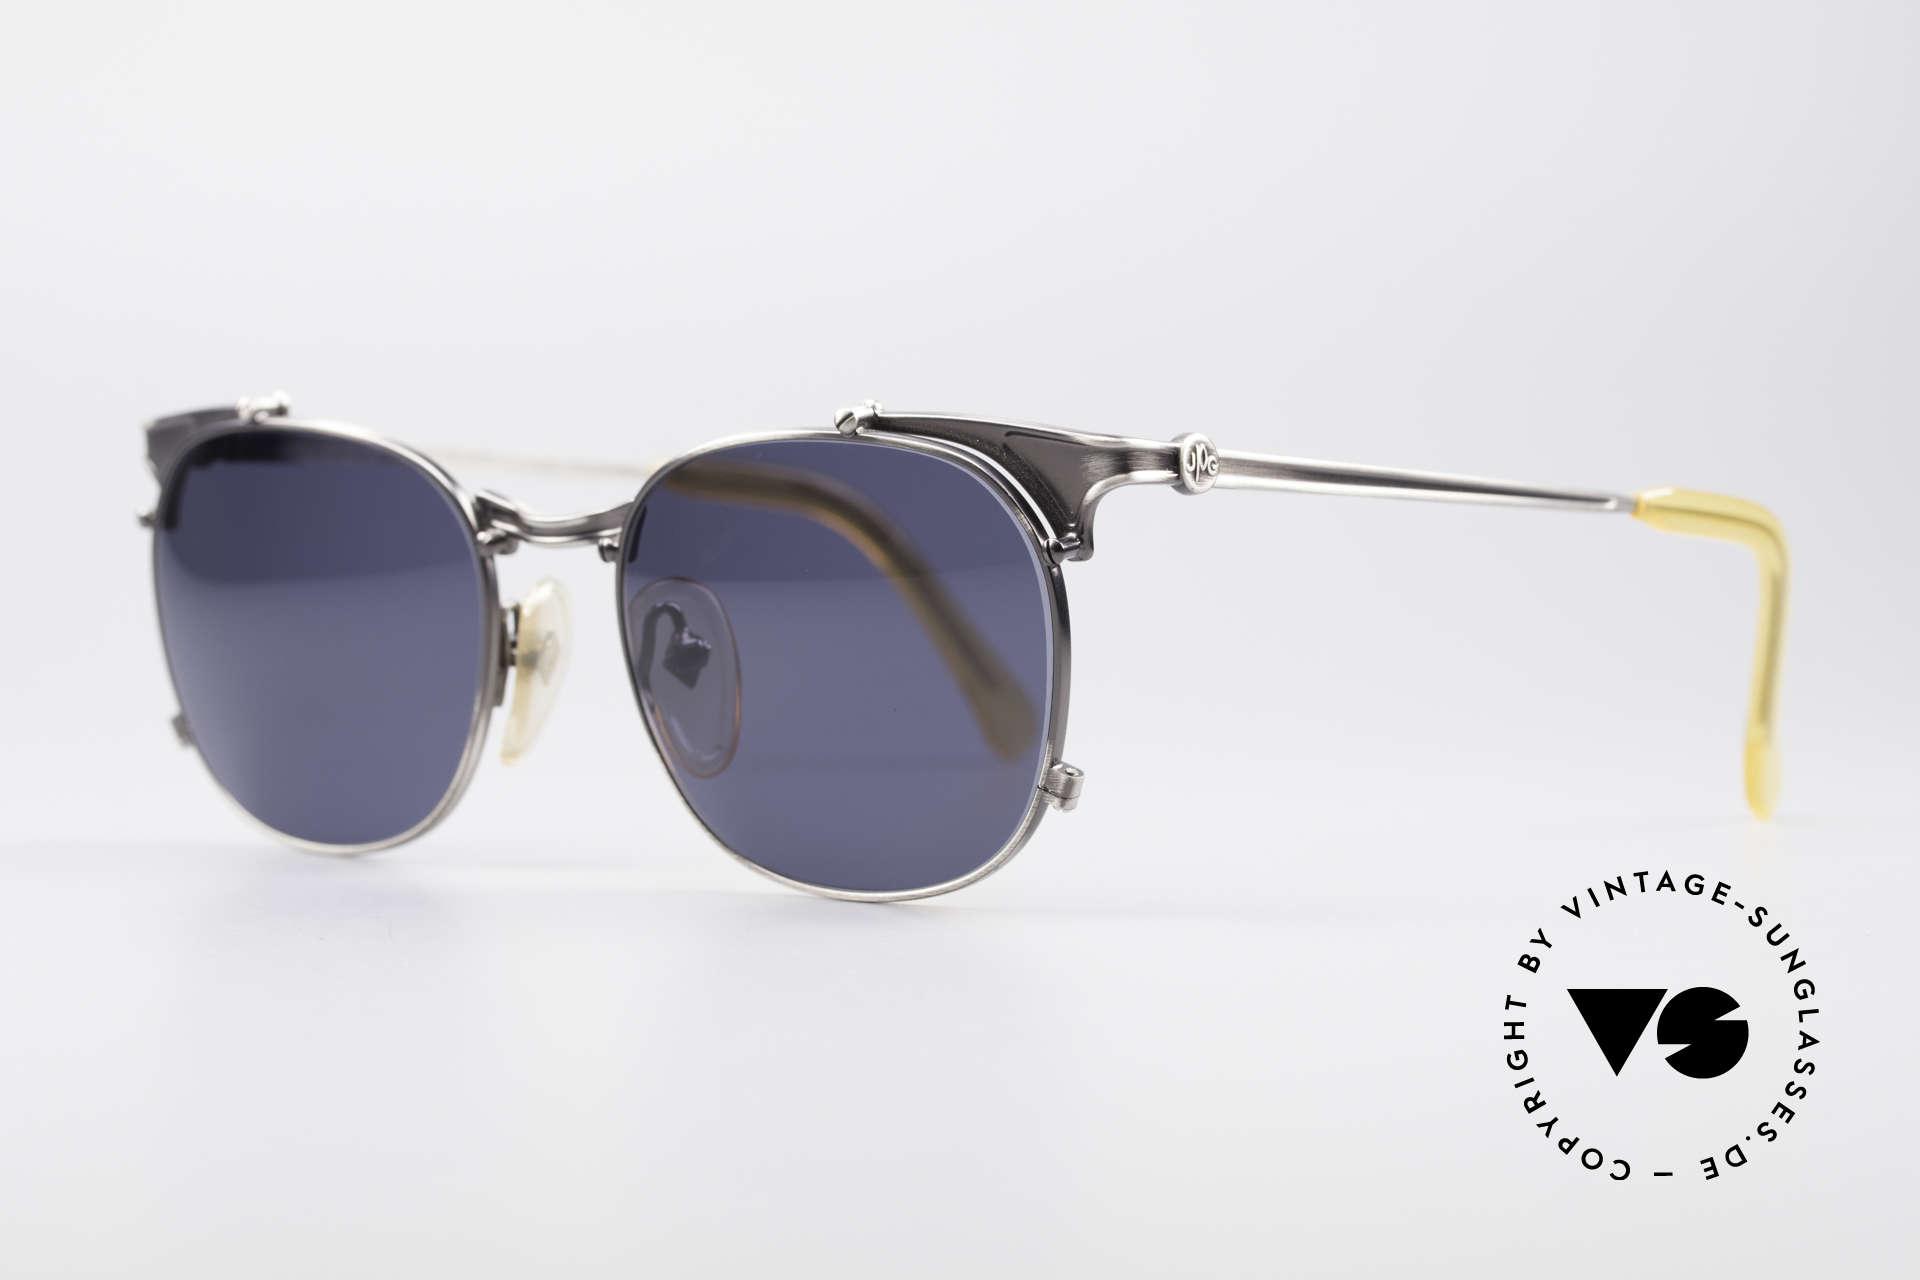 Jean Paul Gaultier 56-2175 90er Designer Sonnenbrille, J.P.G. Unisex-Modell in absoluter TOP-Qualität, Passend für Herren und Damen